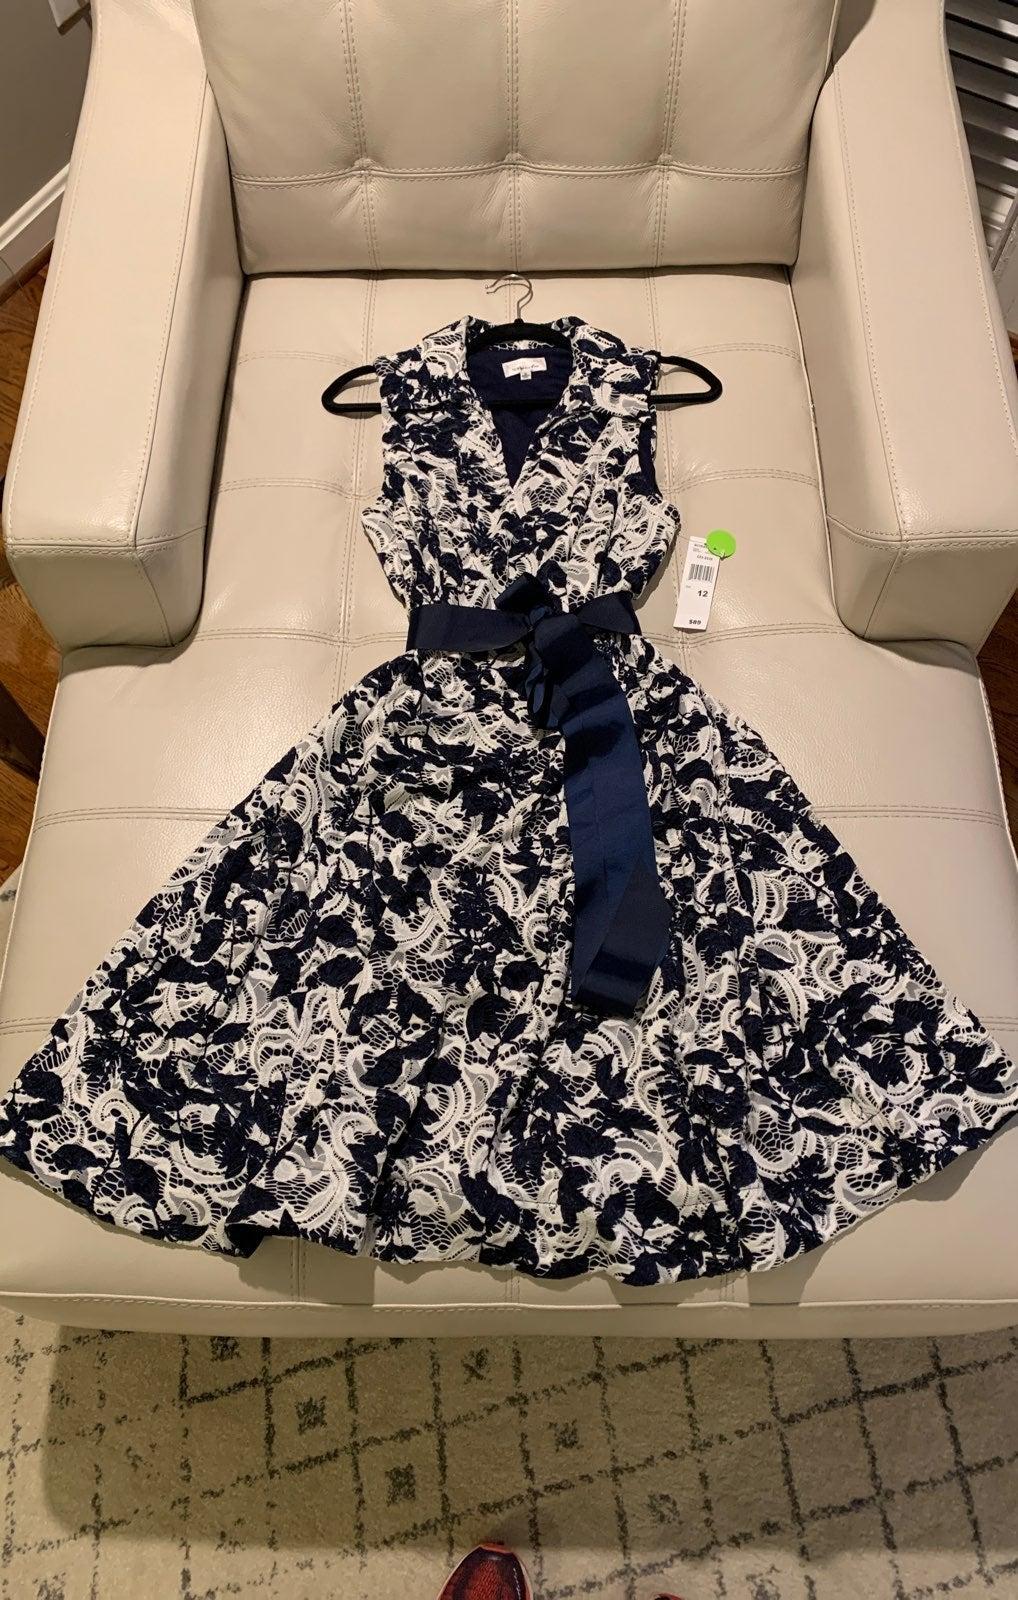 Dress - NWT Size 12